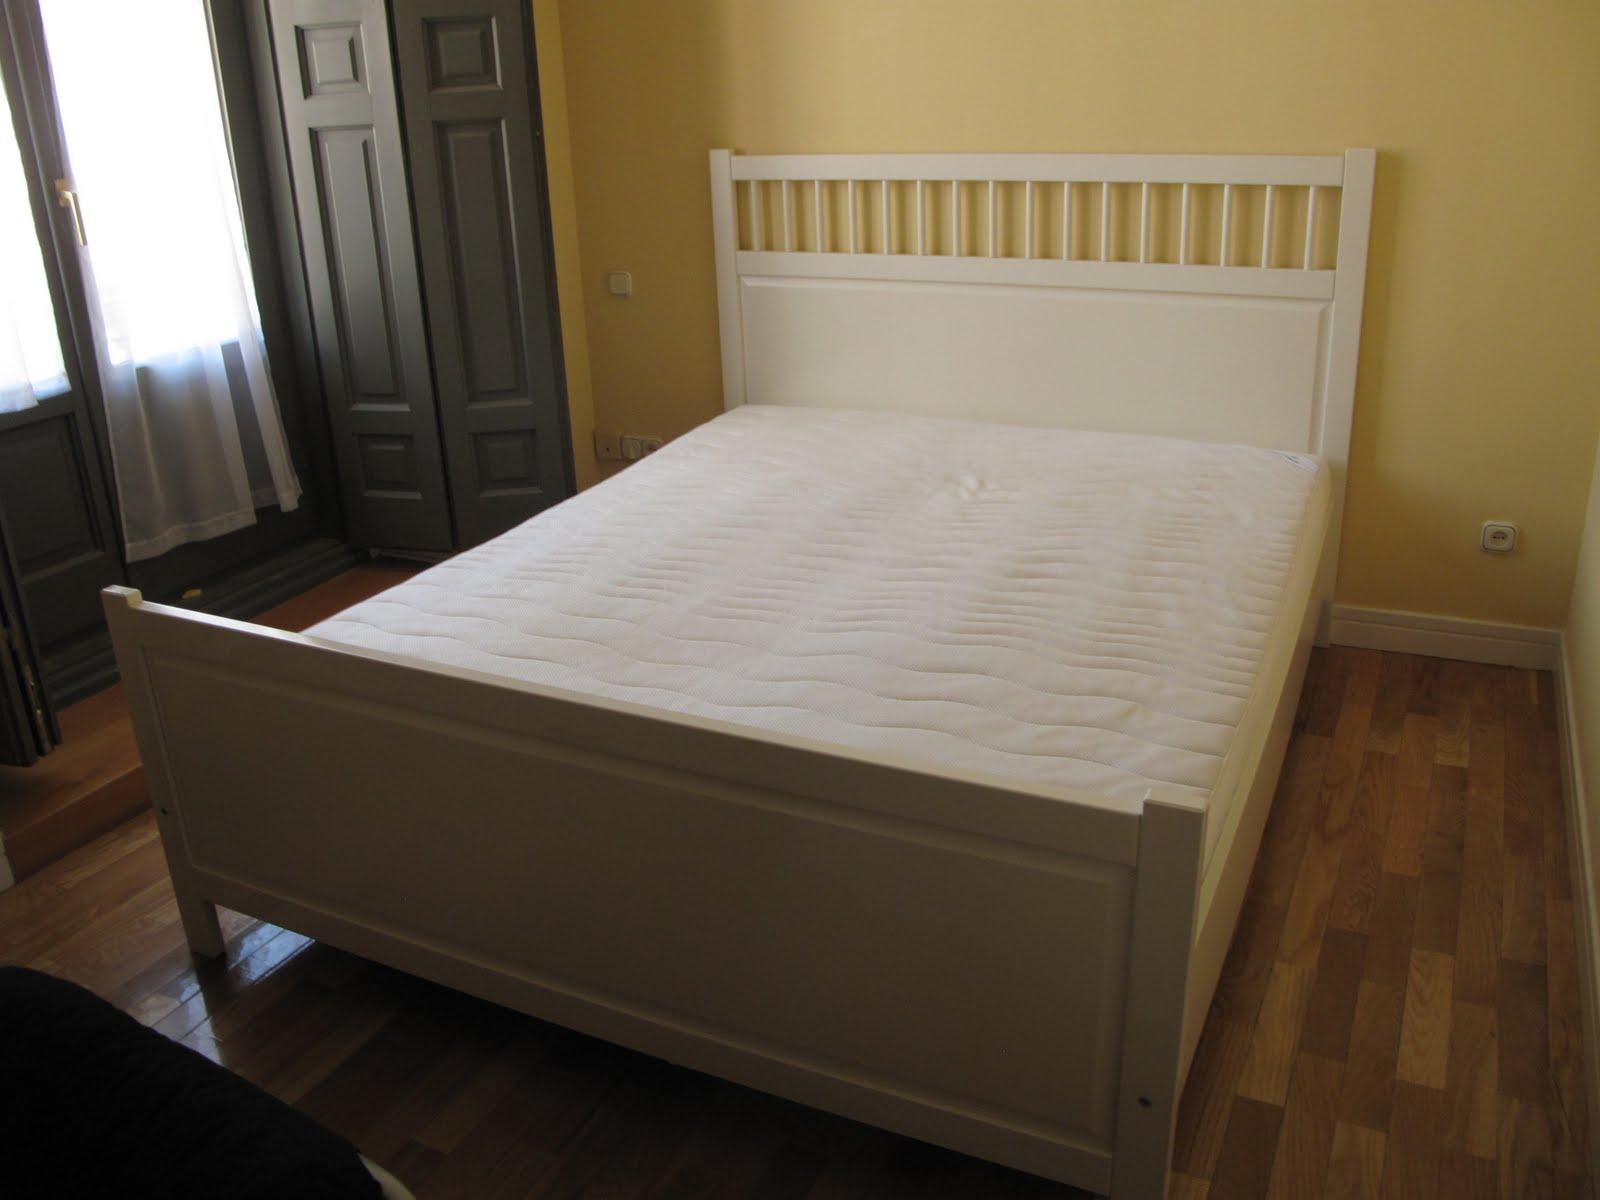 Venta de muebles en madrid cama doble for Muebles cama ikea